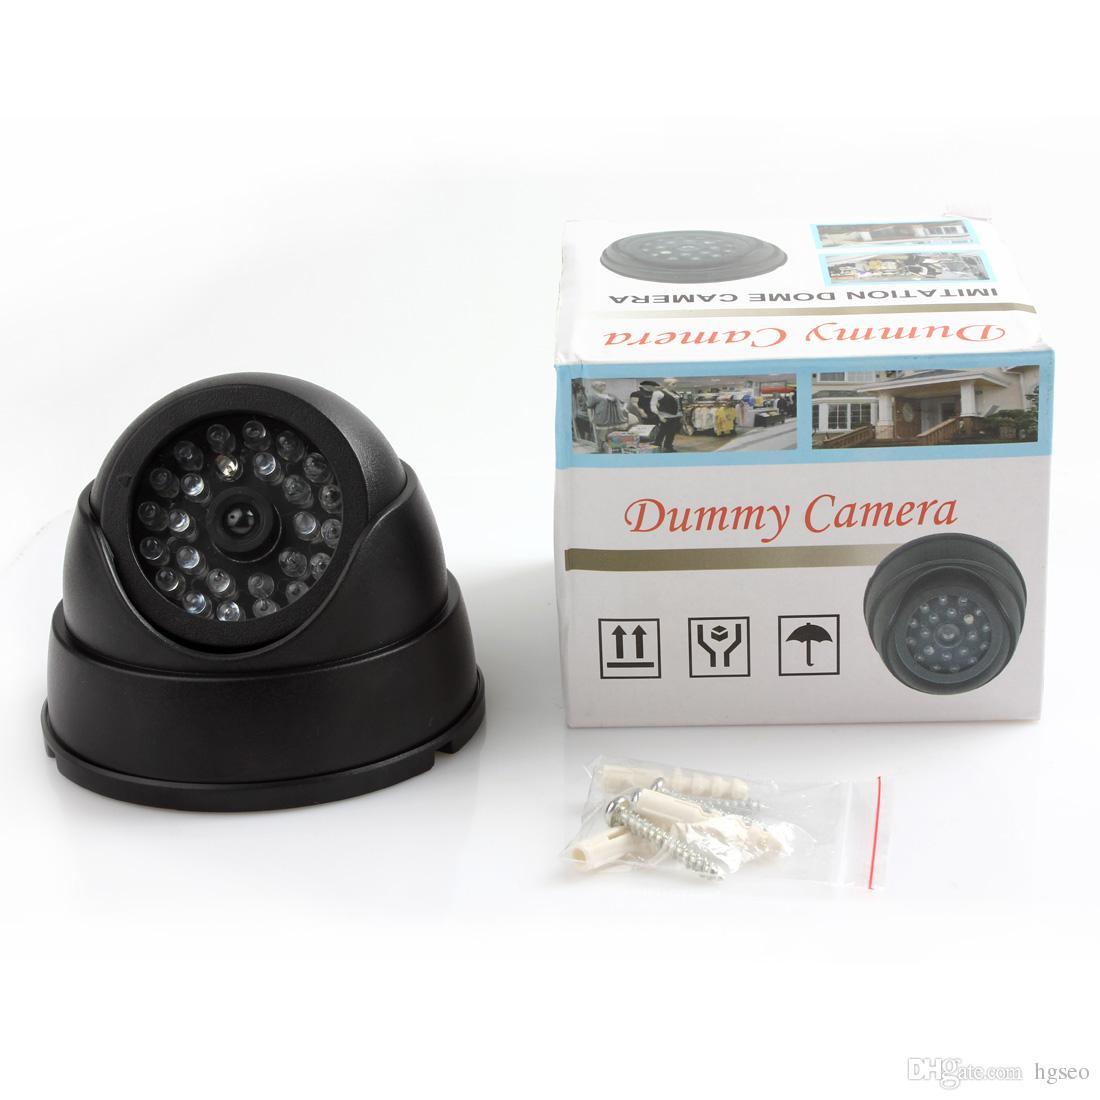 거짓 가짜 시뮬레이션 돔 보안 cctv 카메라 False IR LED + 빨간색 활동 LED 빛 CCT_705